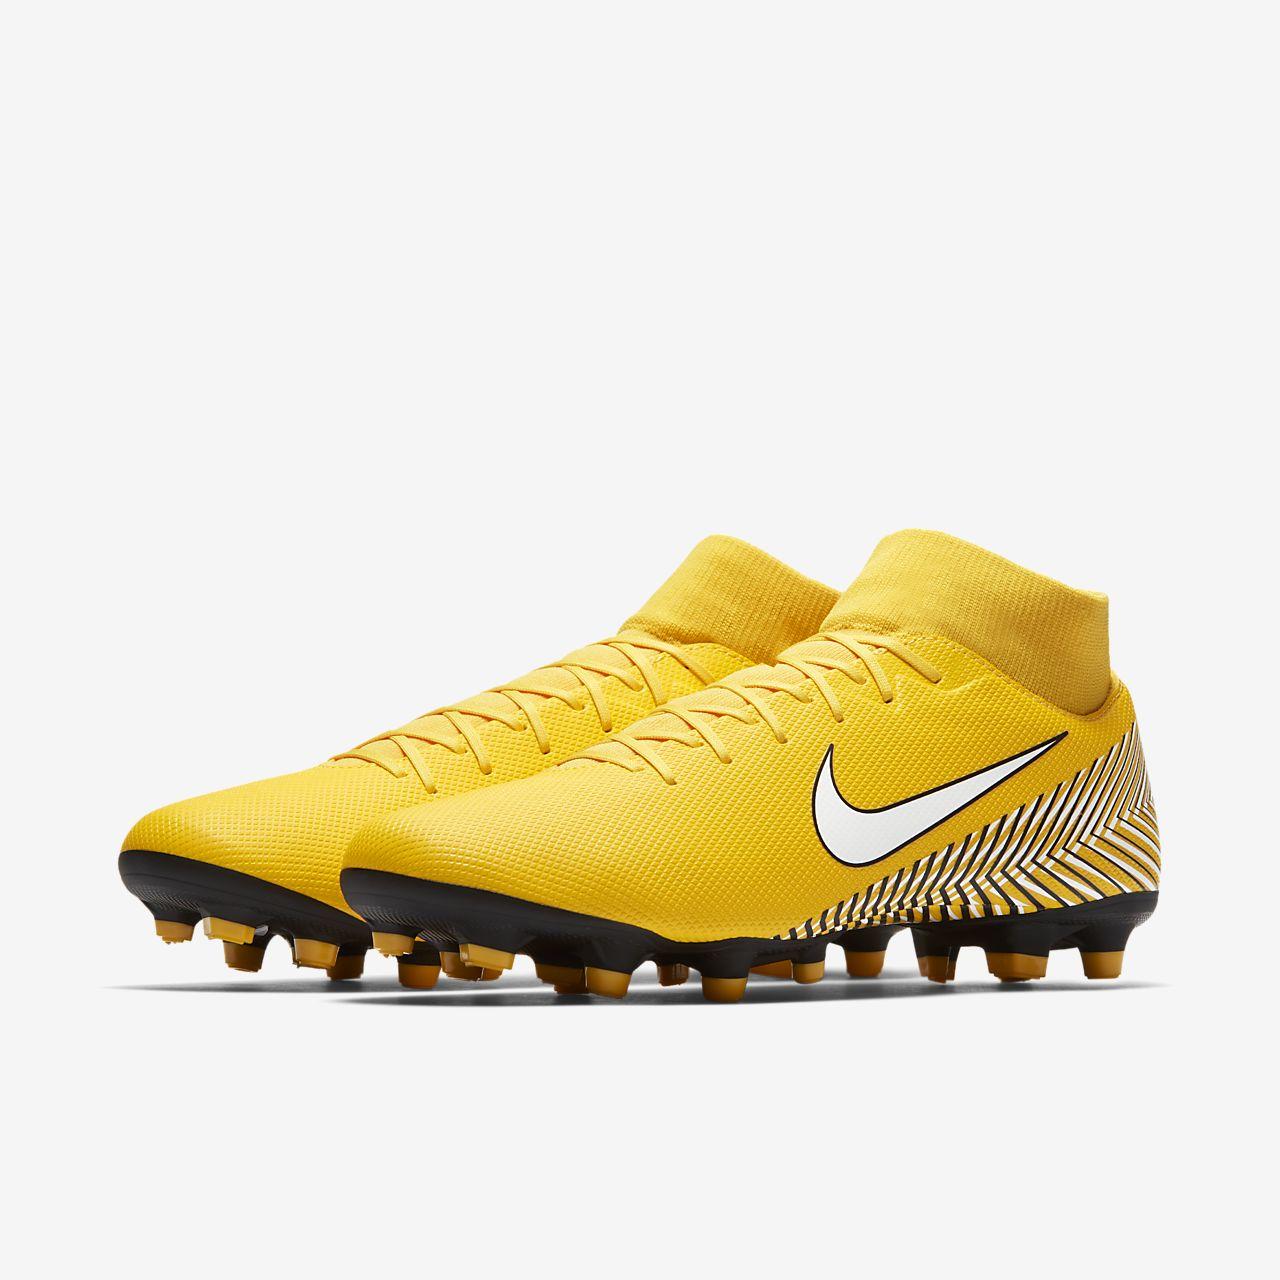 Nike Mercurial Superfly VI Academy Neymar Herren-Fußballschuh für verschiedene Böden